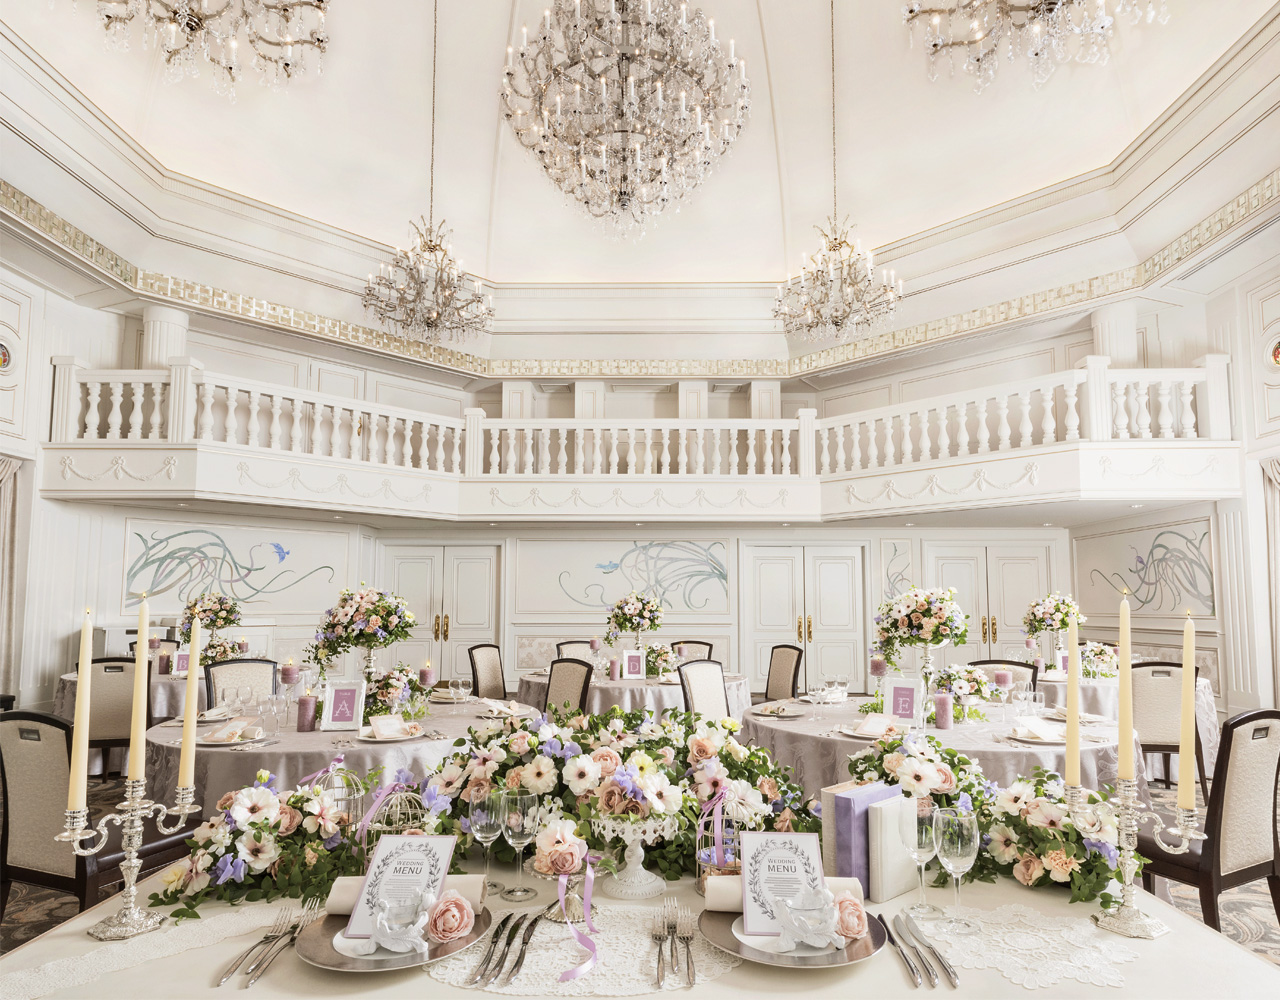 ドーム型天井に明るい光が満ち溢れる、バロック様式の美しき宮殿をイメージさせるクラシカルな空間